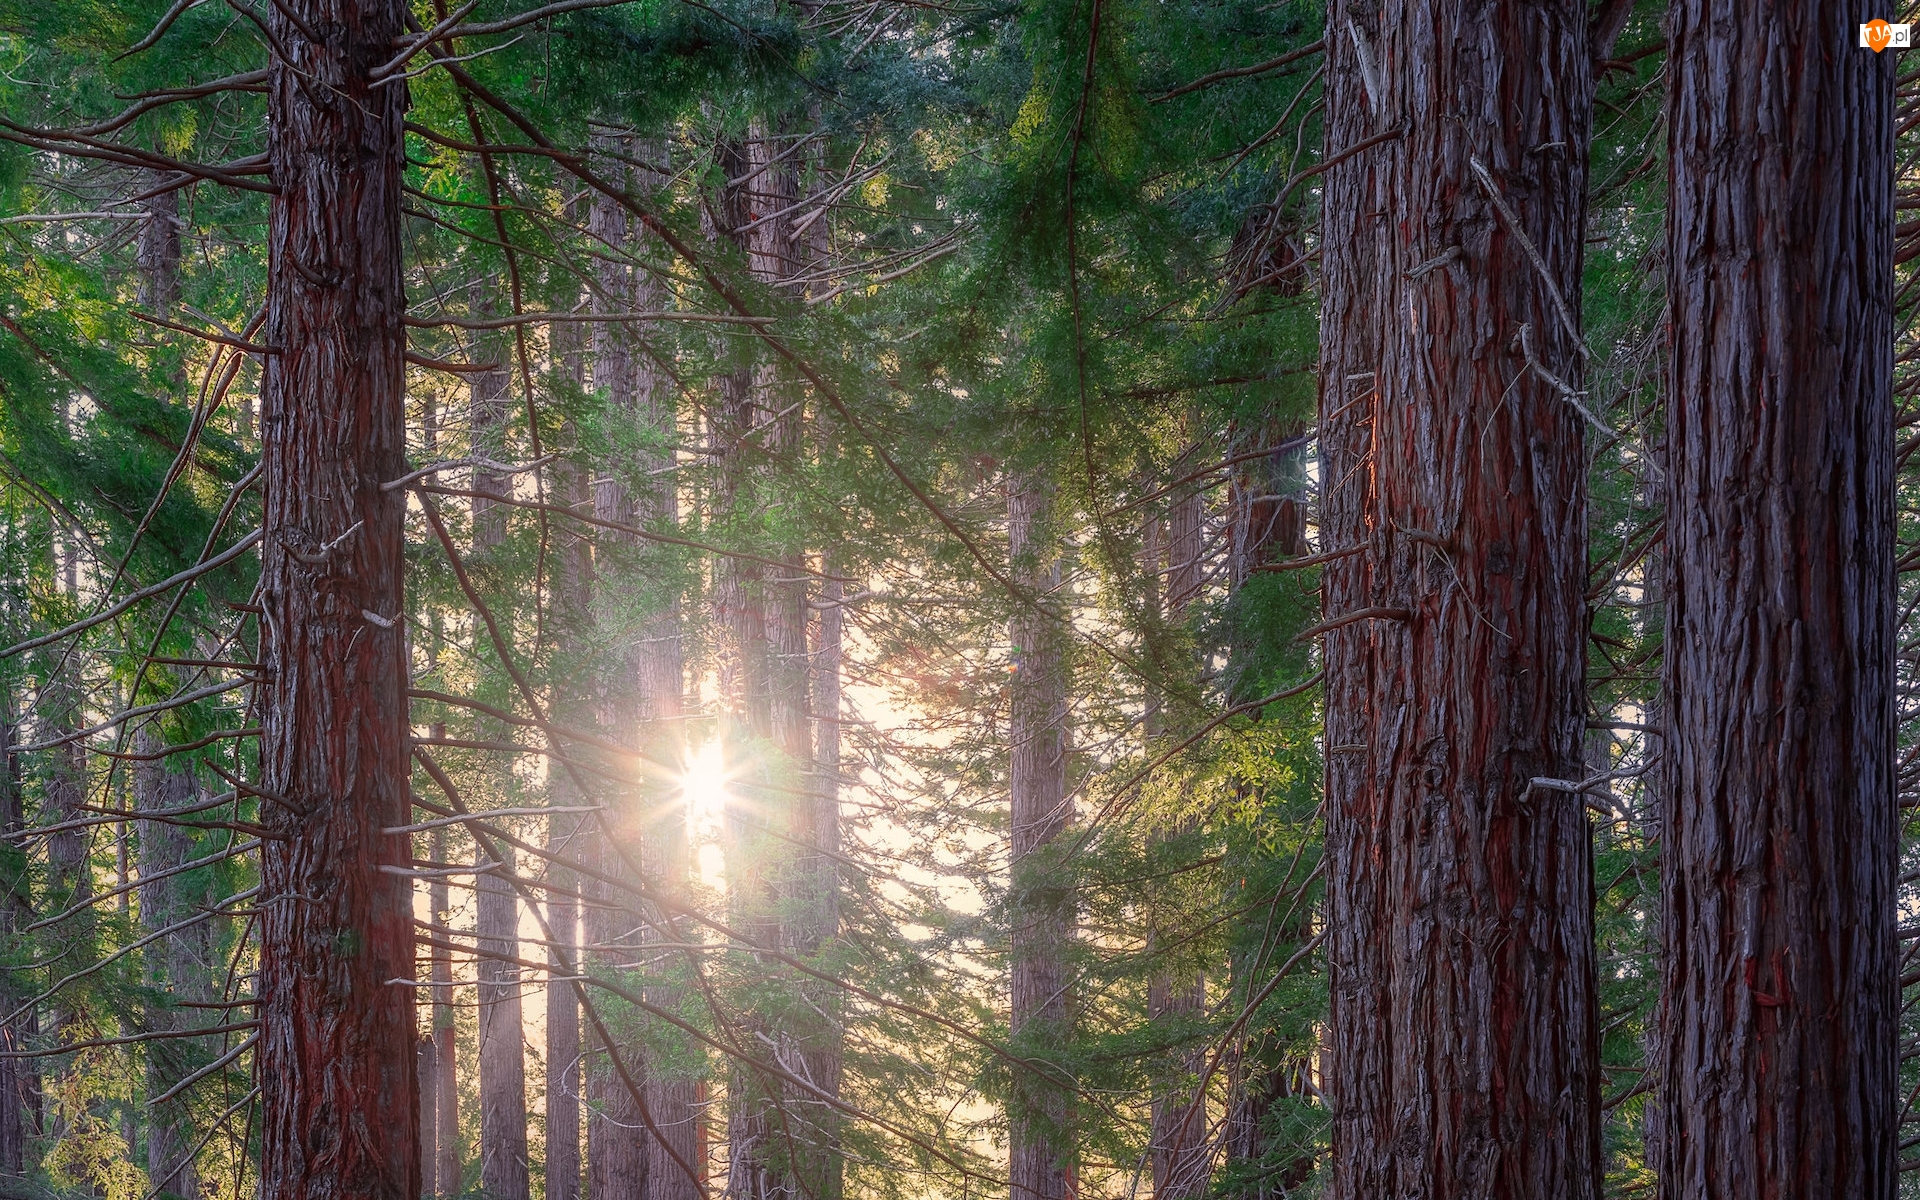 Drzewa, Sekwoje kalifornijskie, Nowa Zelandia, Las, Region Hawkes Bay, Te Mata Park, Promienie słońca